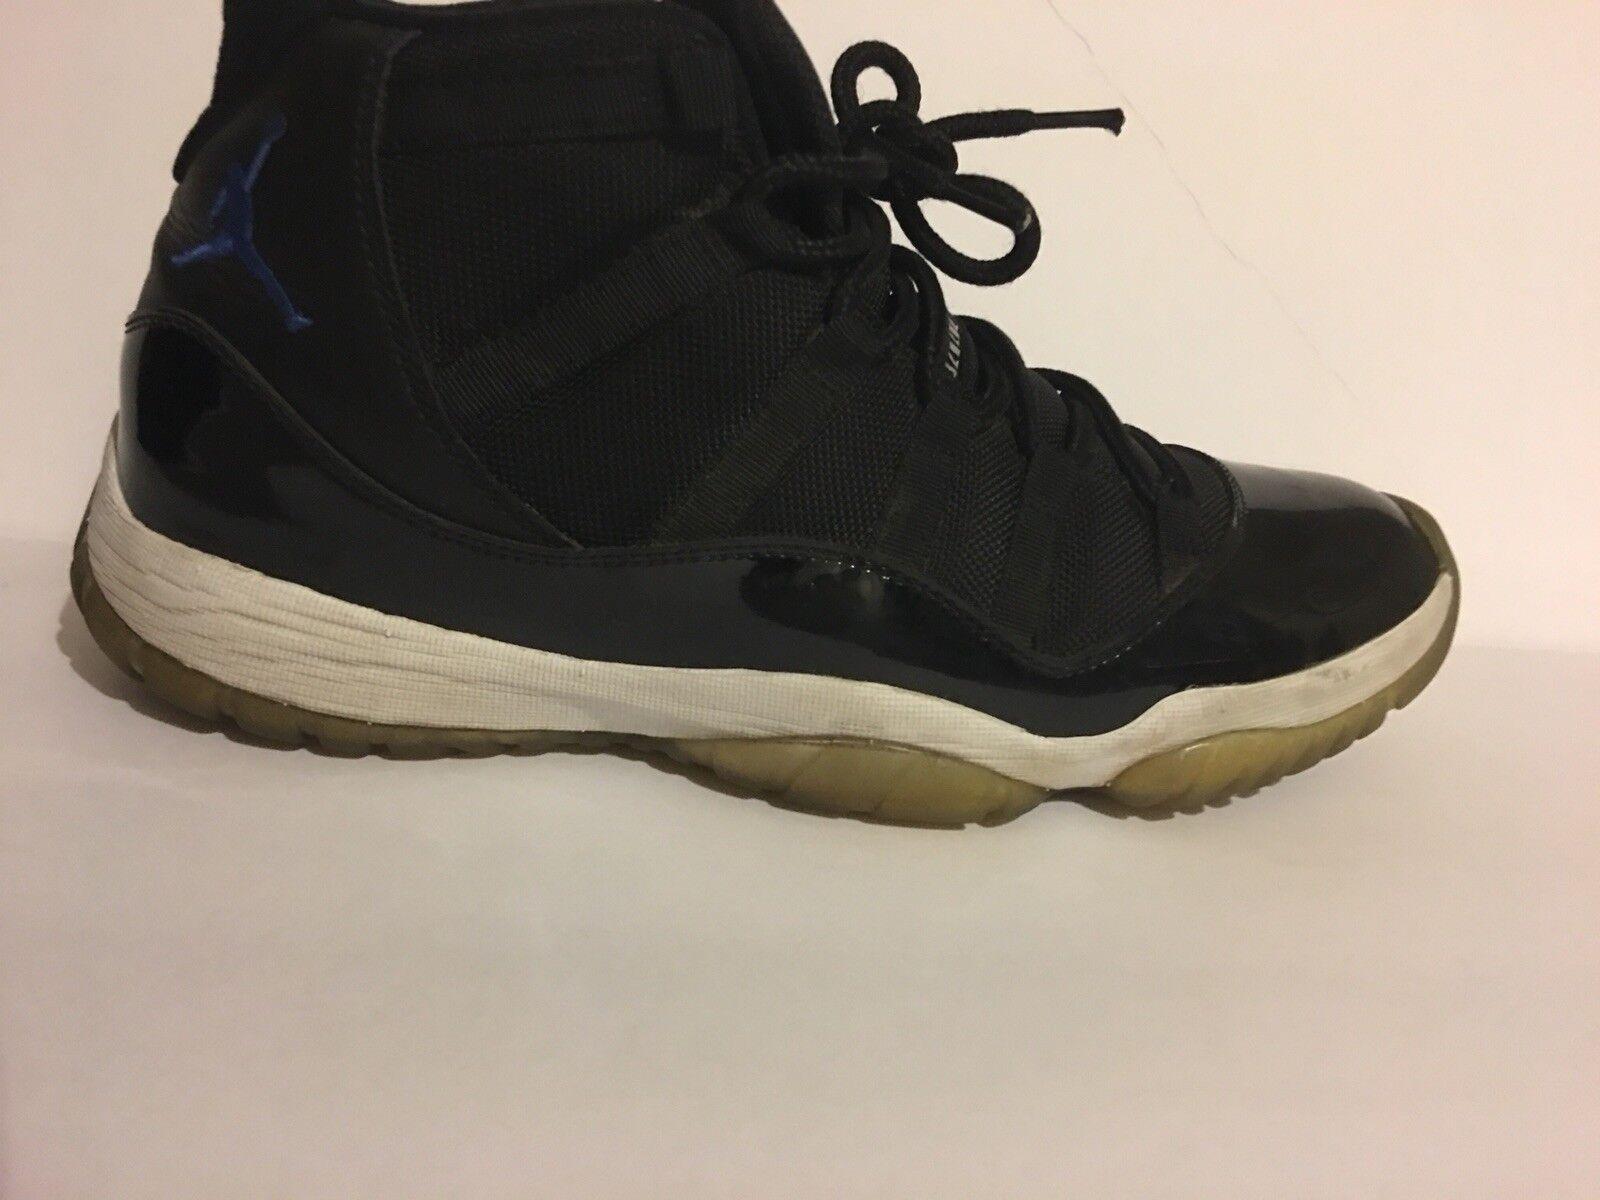 Nike air jordan 11 space jam 2009 pre possedeva dimensioni 11,5 11,5 dimensioni 378037-041 bf15ba